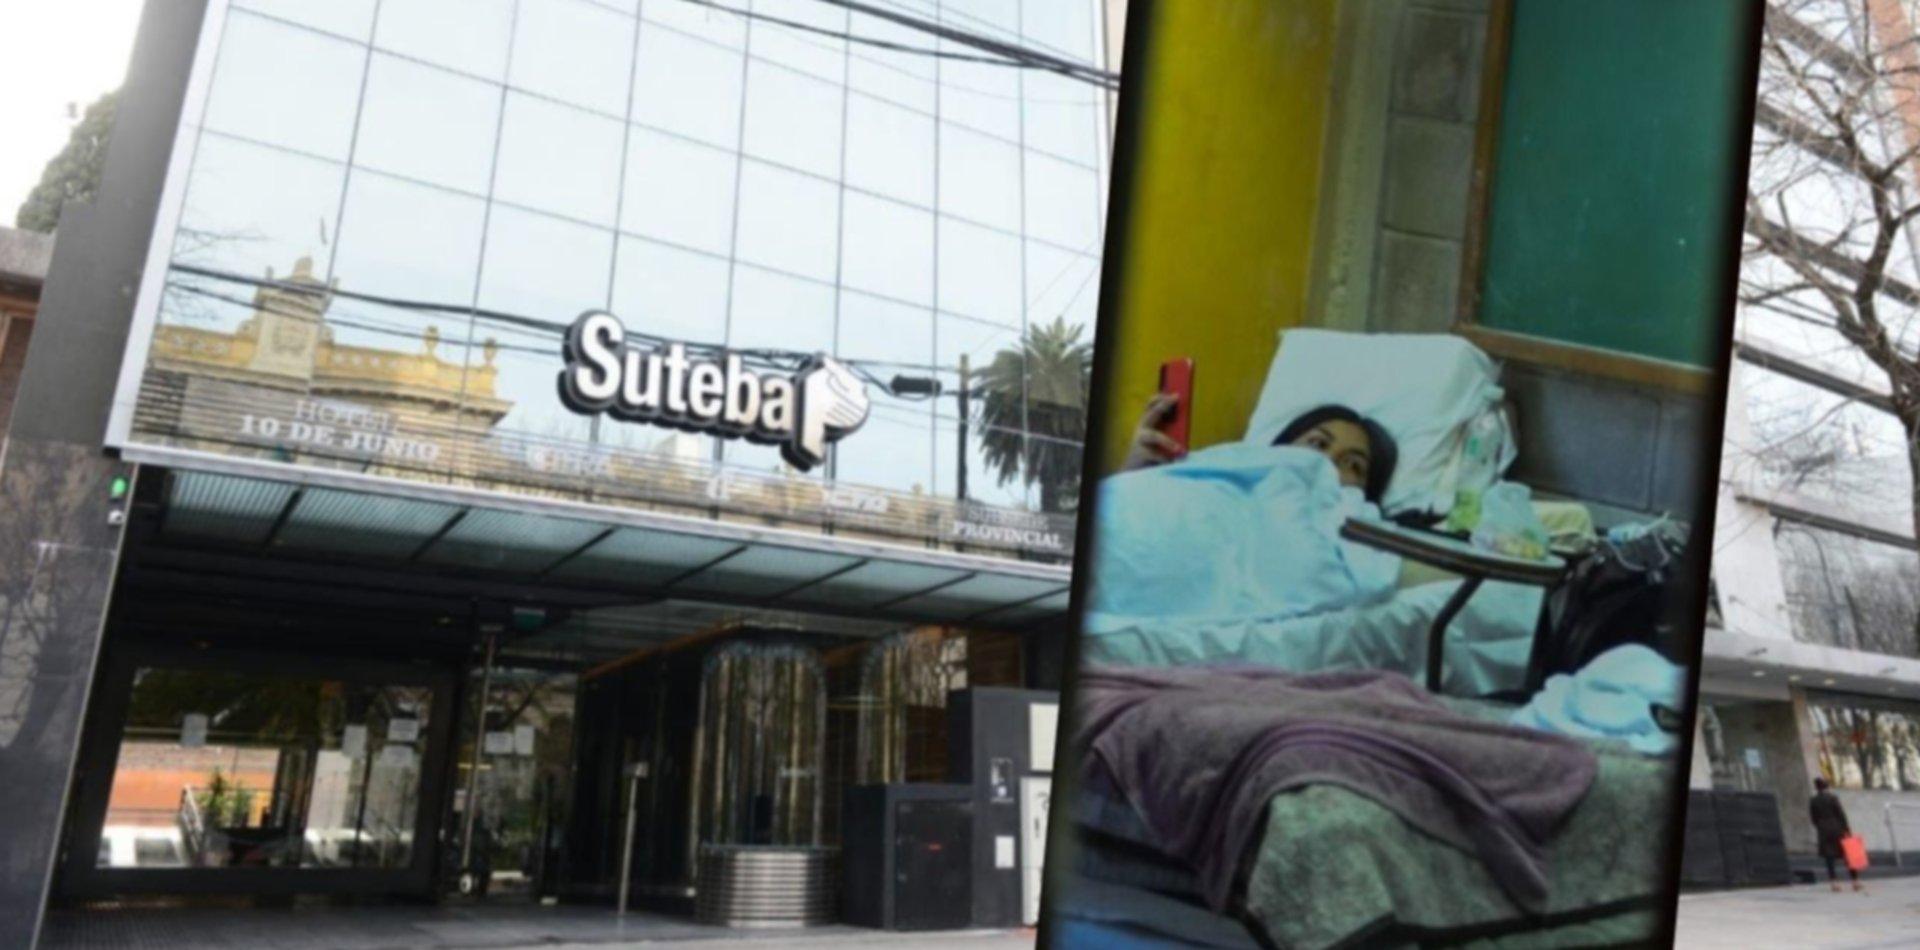 El hotel de Suteba contará con oxígeno y equipamiento para recibir pacientes de COVID-19